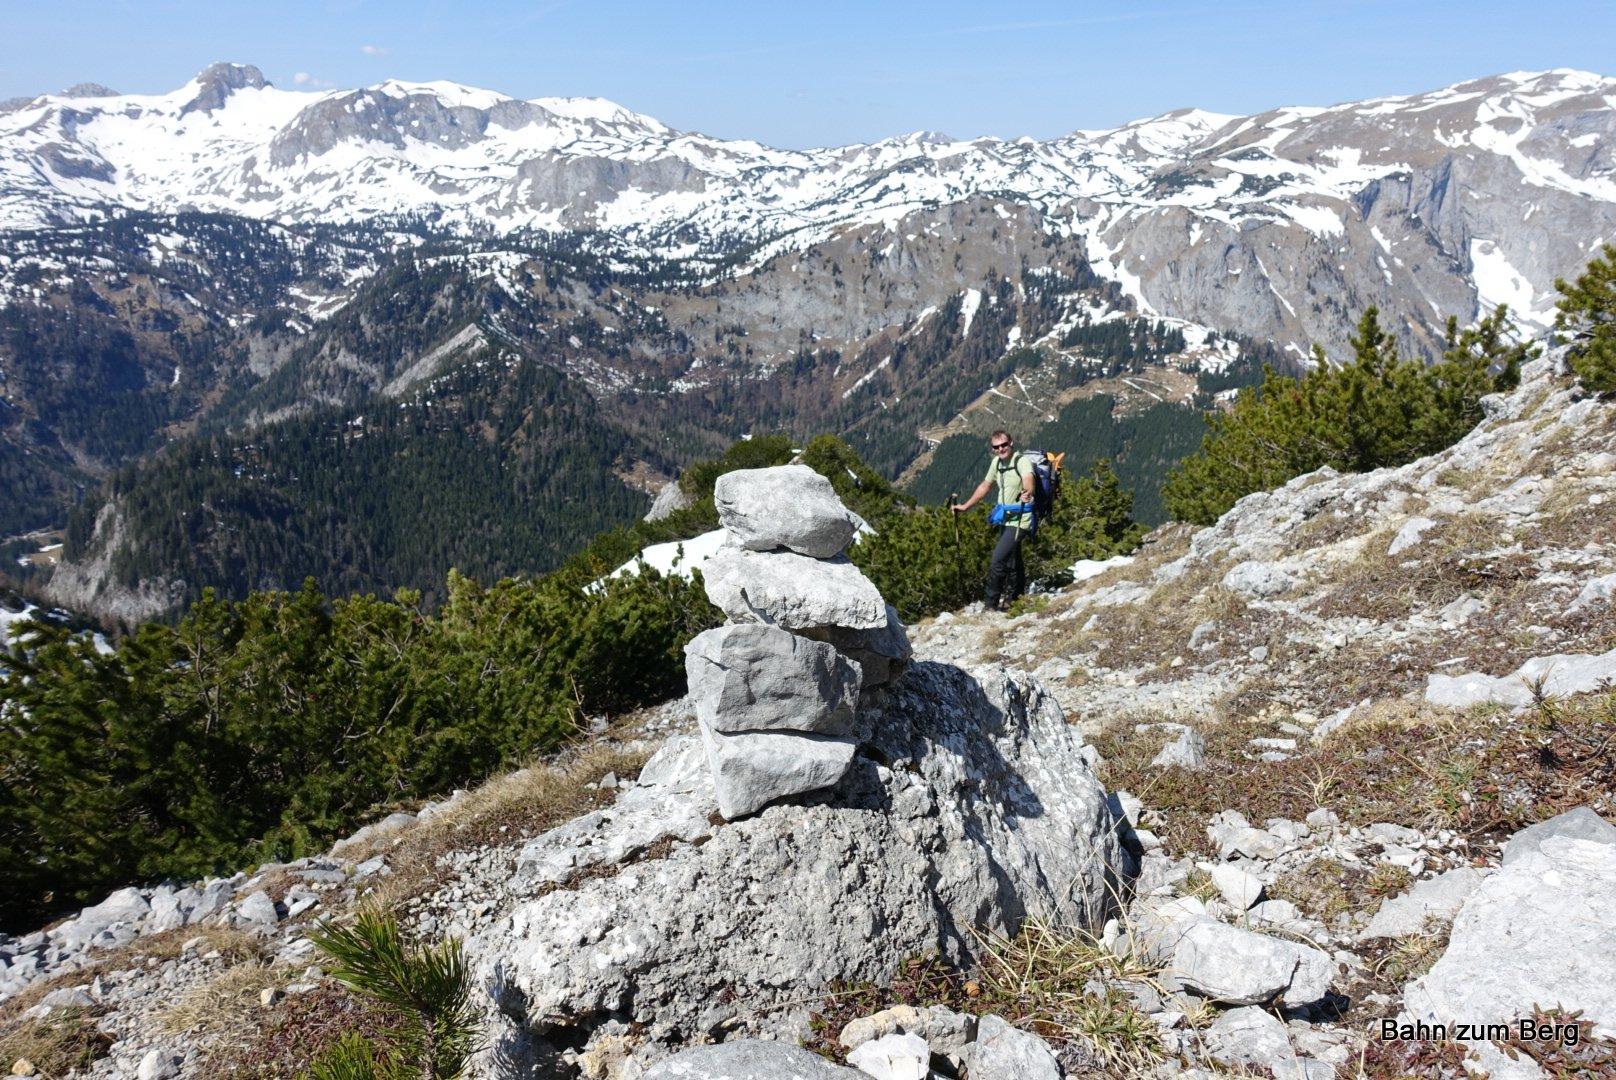 Steinmänner weisen oben den Weg am Grat entlang